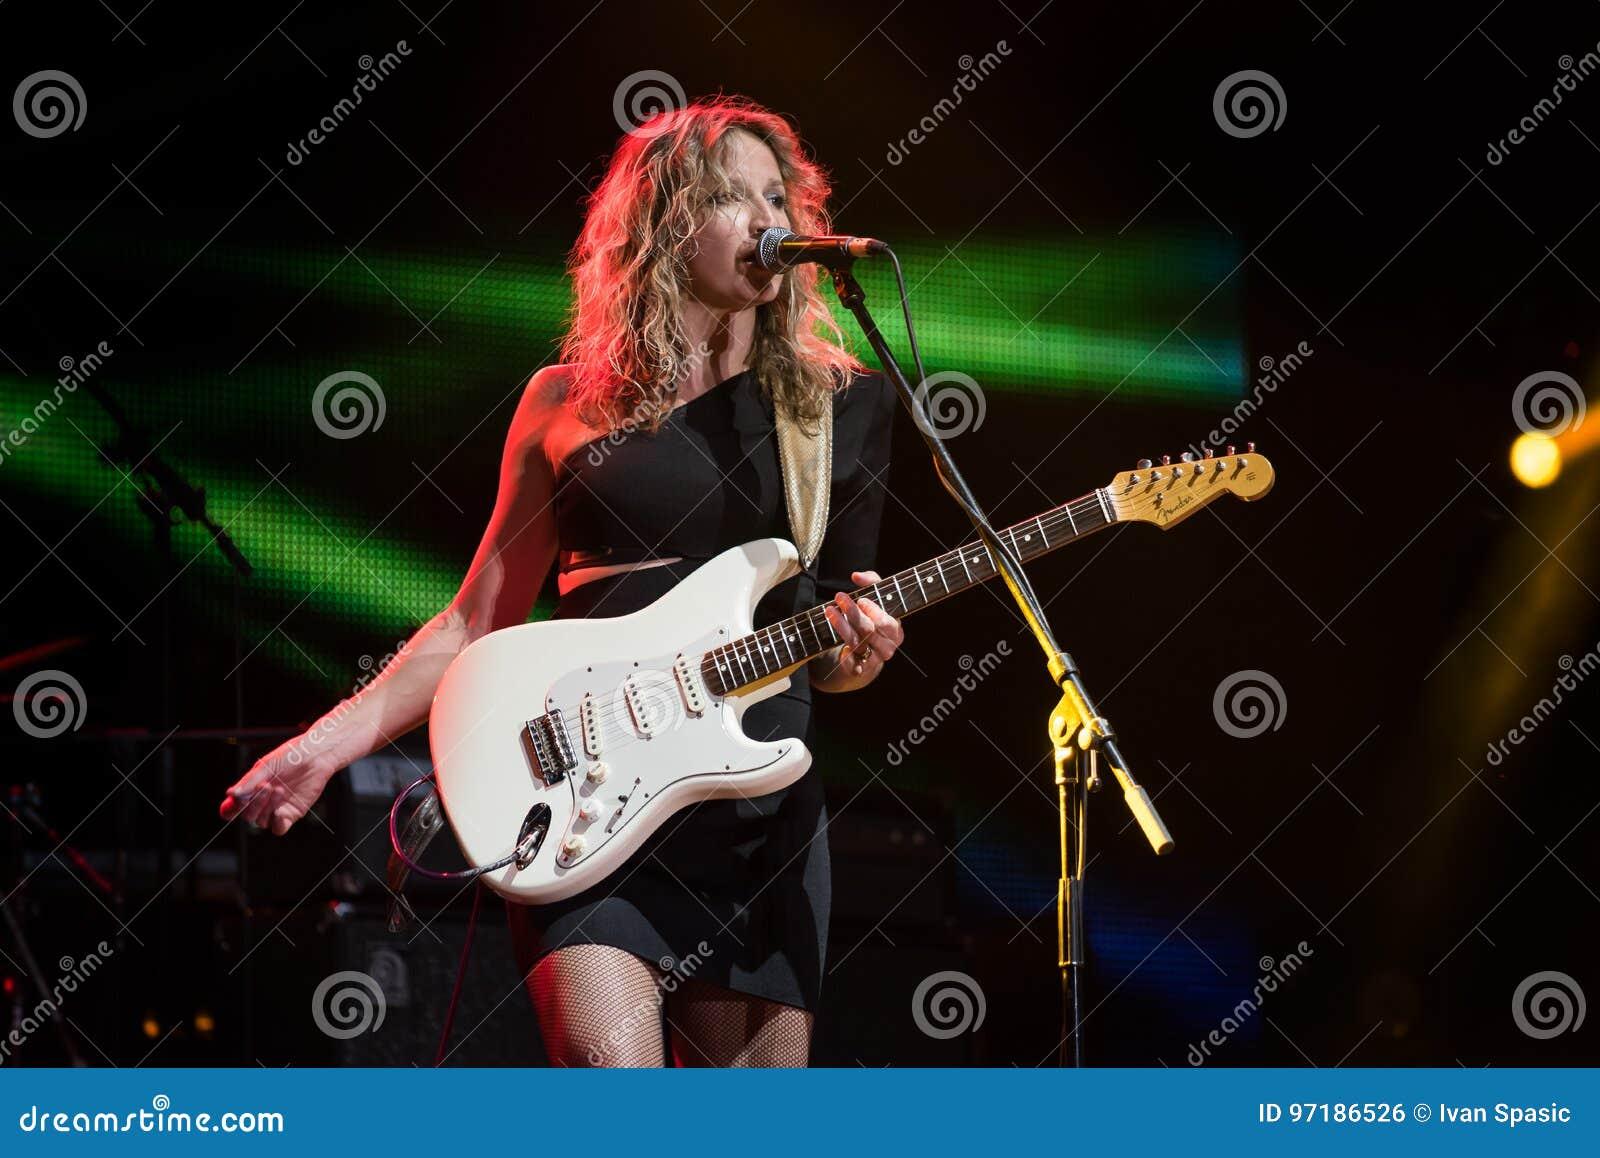 Van de blauwgitarist en zanger presteren van Ana Popovic levend bij Arsenaal Fest, 23 Juni 2017